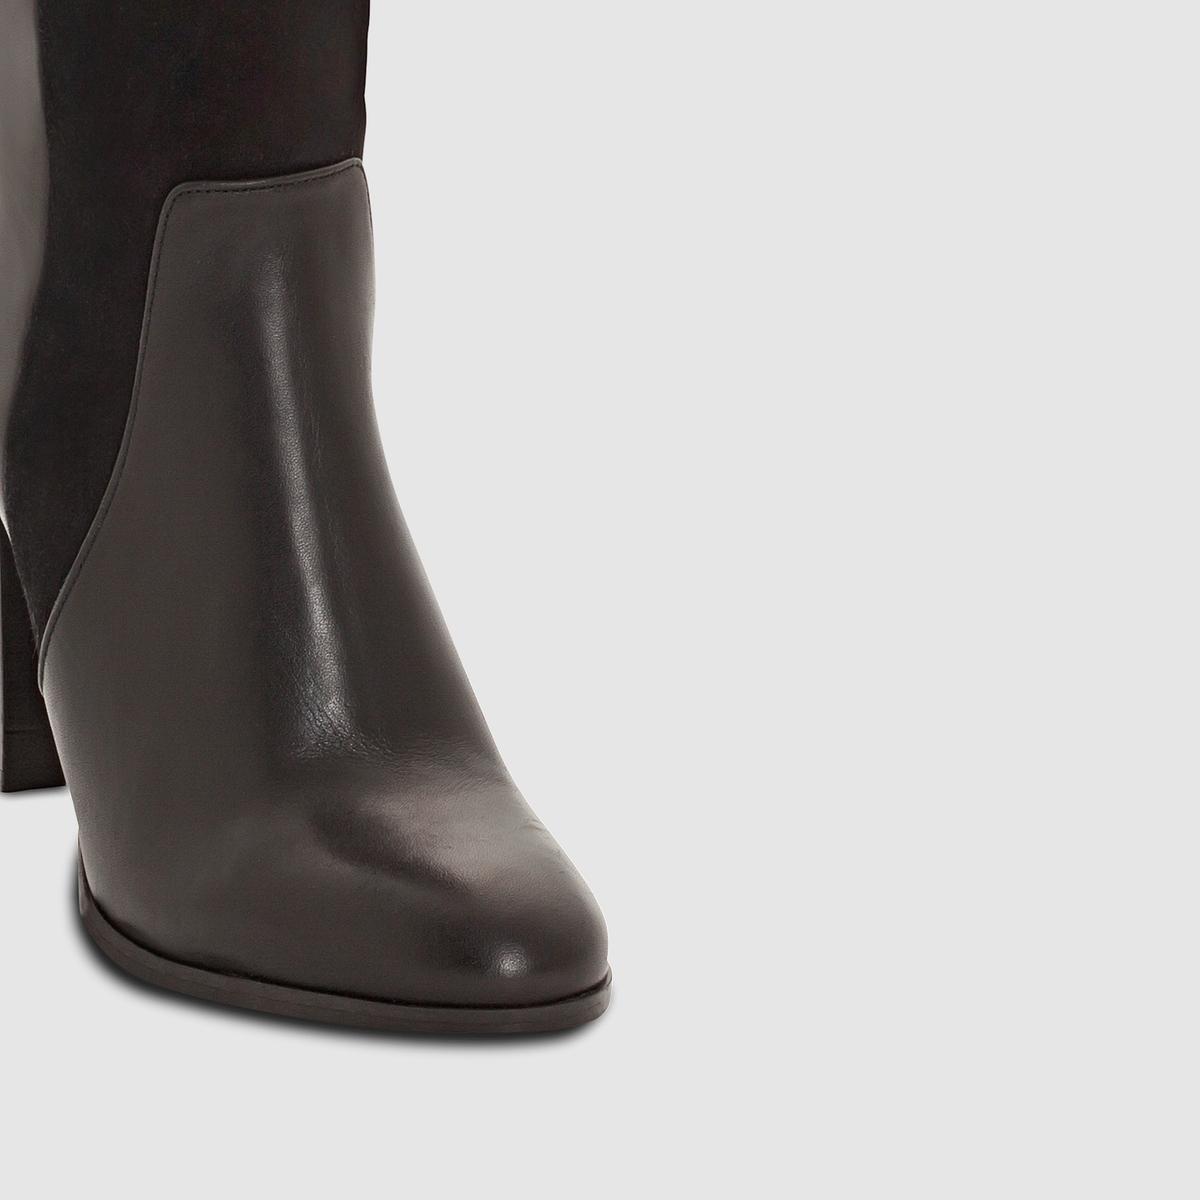 Сапоги ARAXIМарка : JONAK.Верх : спилок (яловичная кожа)Подкладка : кожа.Стелька : кожа.Подошва : из эластомера.Высота каблука : 8 смФорма каблука : ПРЯМОЙ  Мысок : ПРЯМОЙ<br><br>Цвет: черный